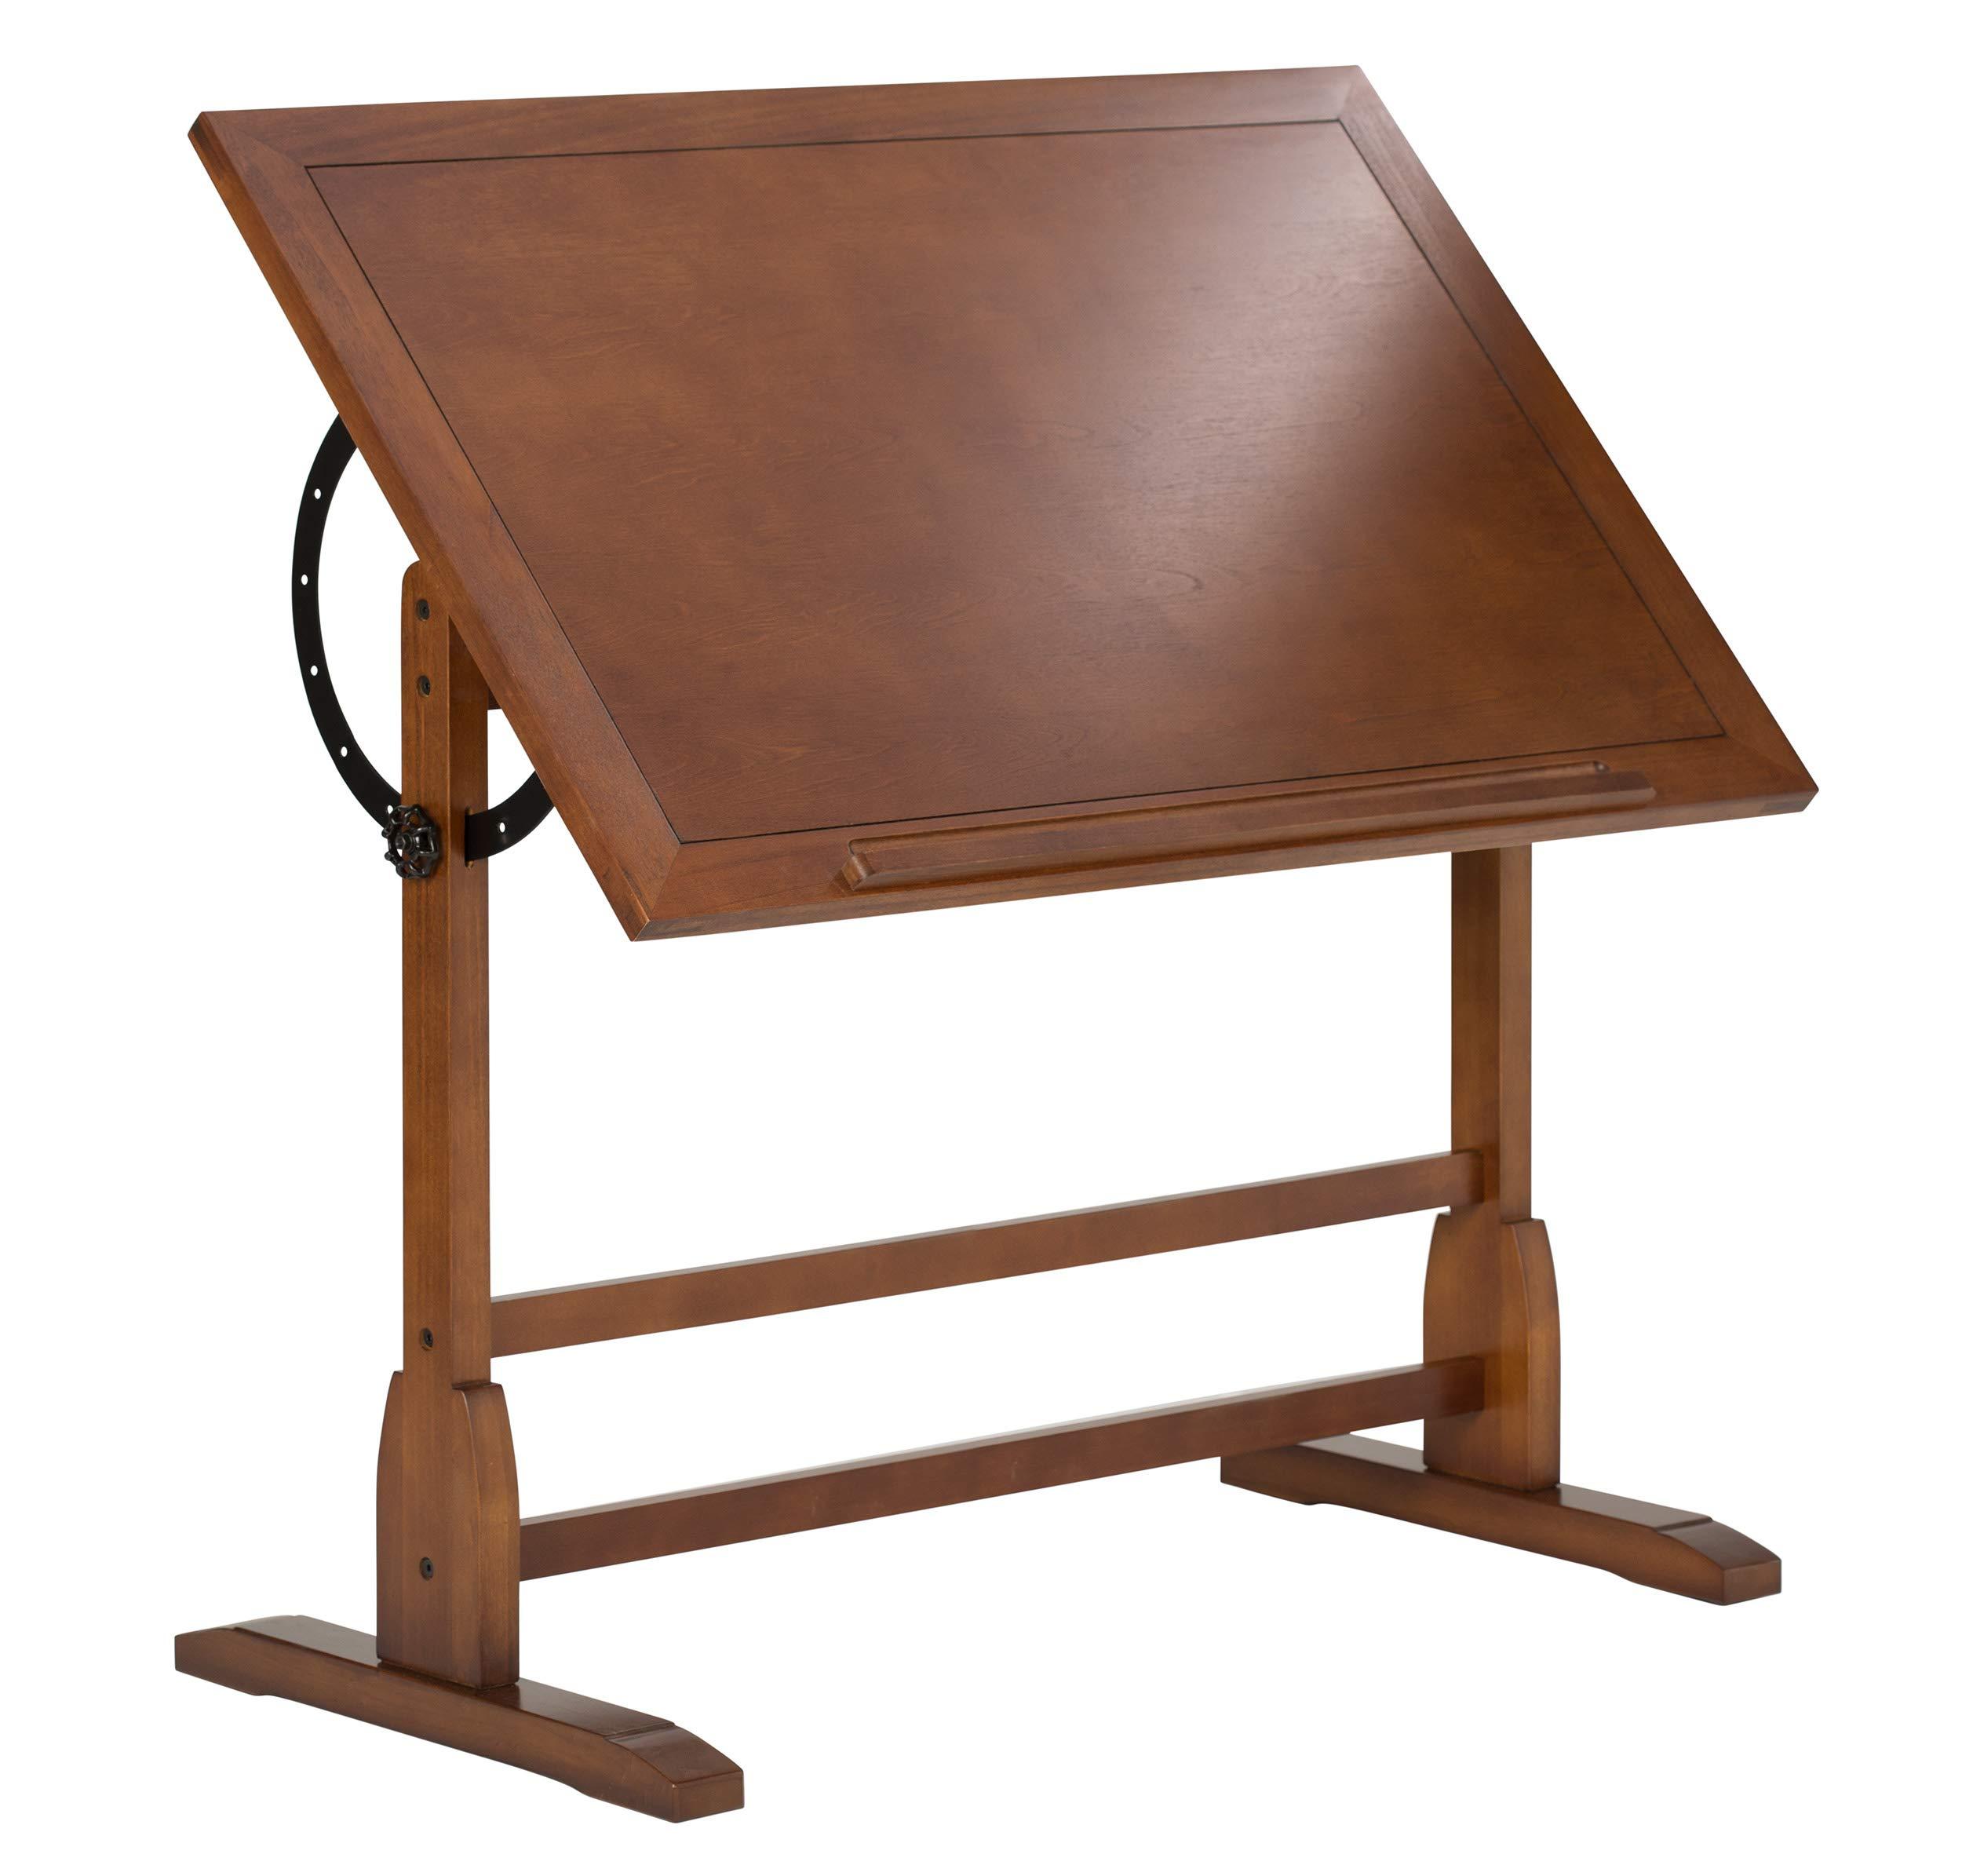 Studio Designs Vintage Rustic Oak Drafting Table, Top Adjustable Drafting Table Craft Table Drawing Desk Hobby Table Writing Desk Studio Desk, 42''W x 30''D by SD STUDIO DESIGNS